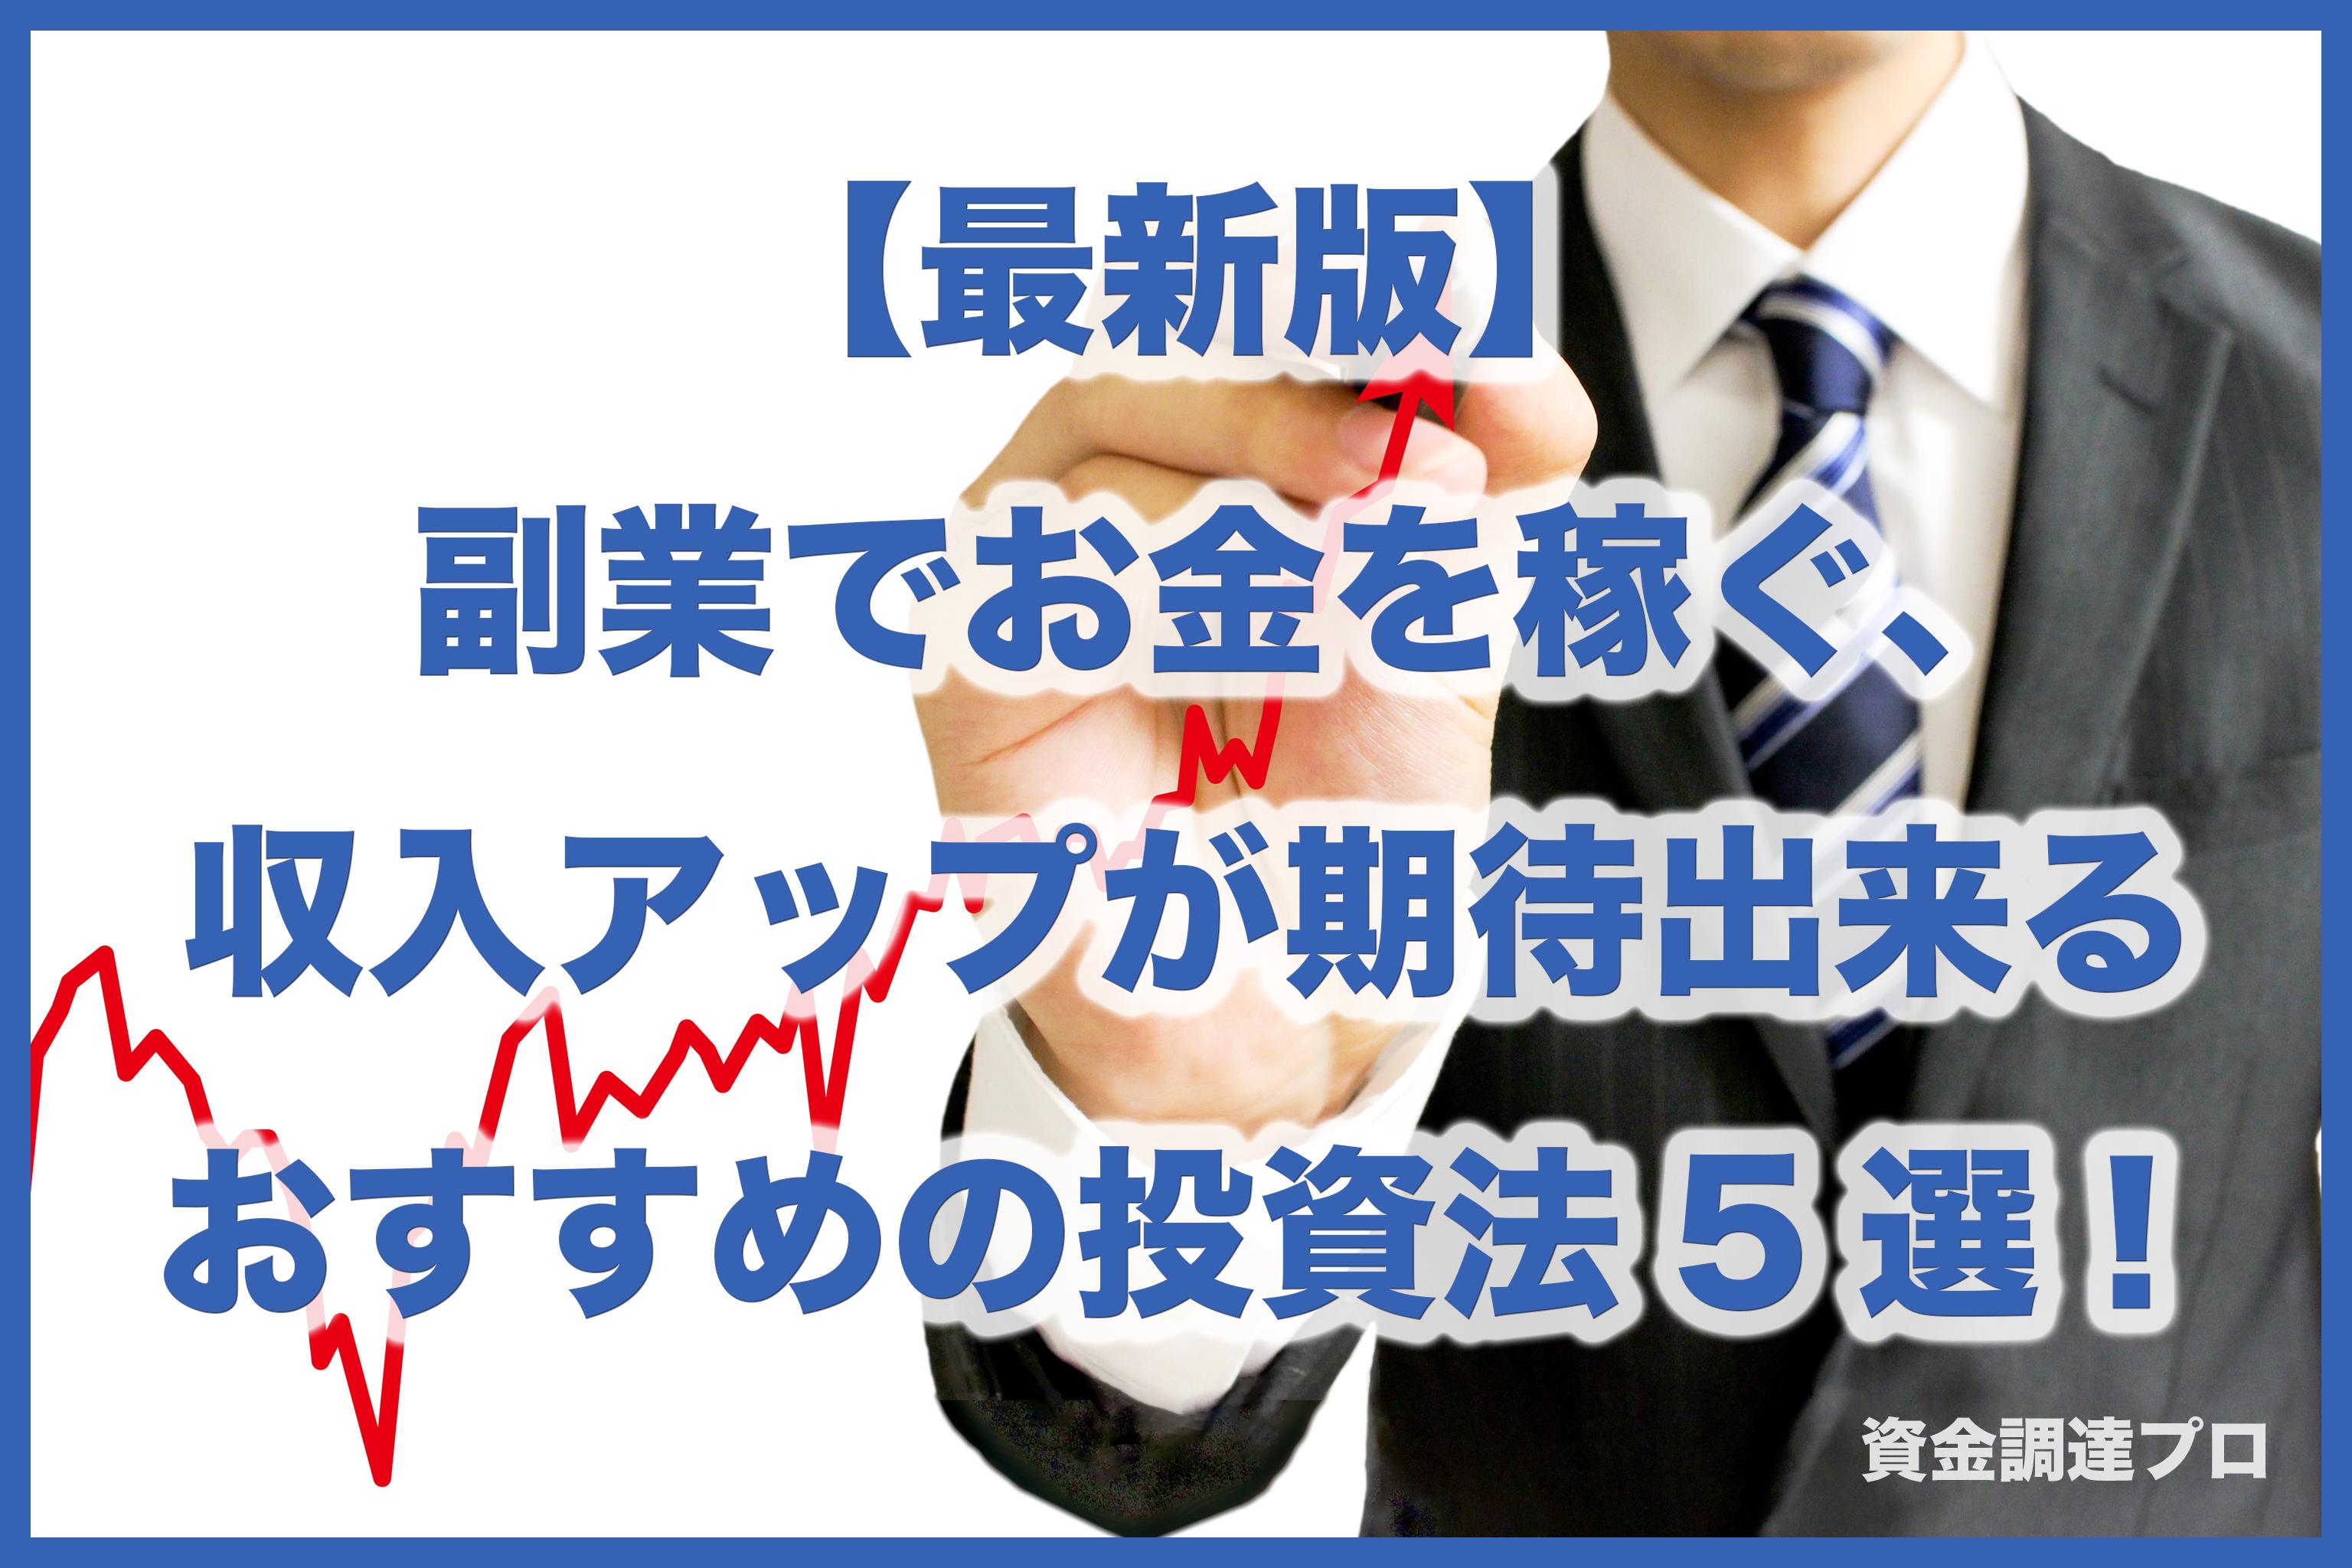 【2020年最新版】副業でお金を稼ぐ、副業で100%収入アップできるオススメ投資法5選!